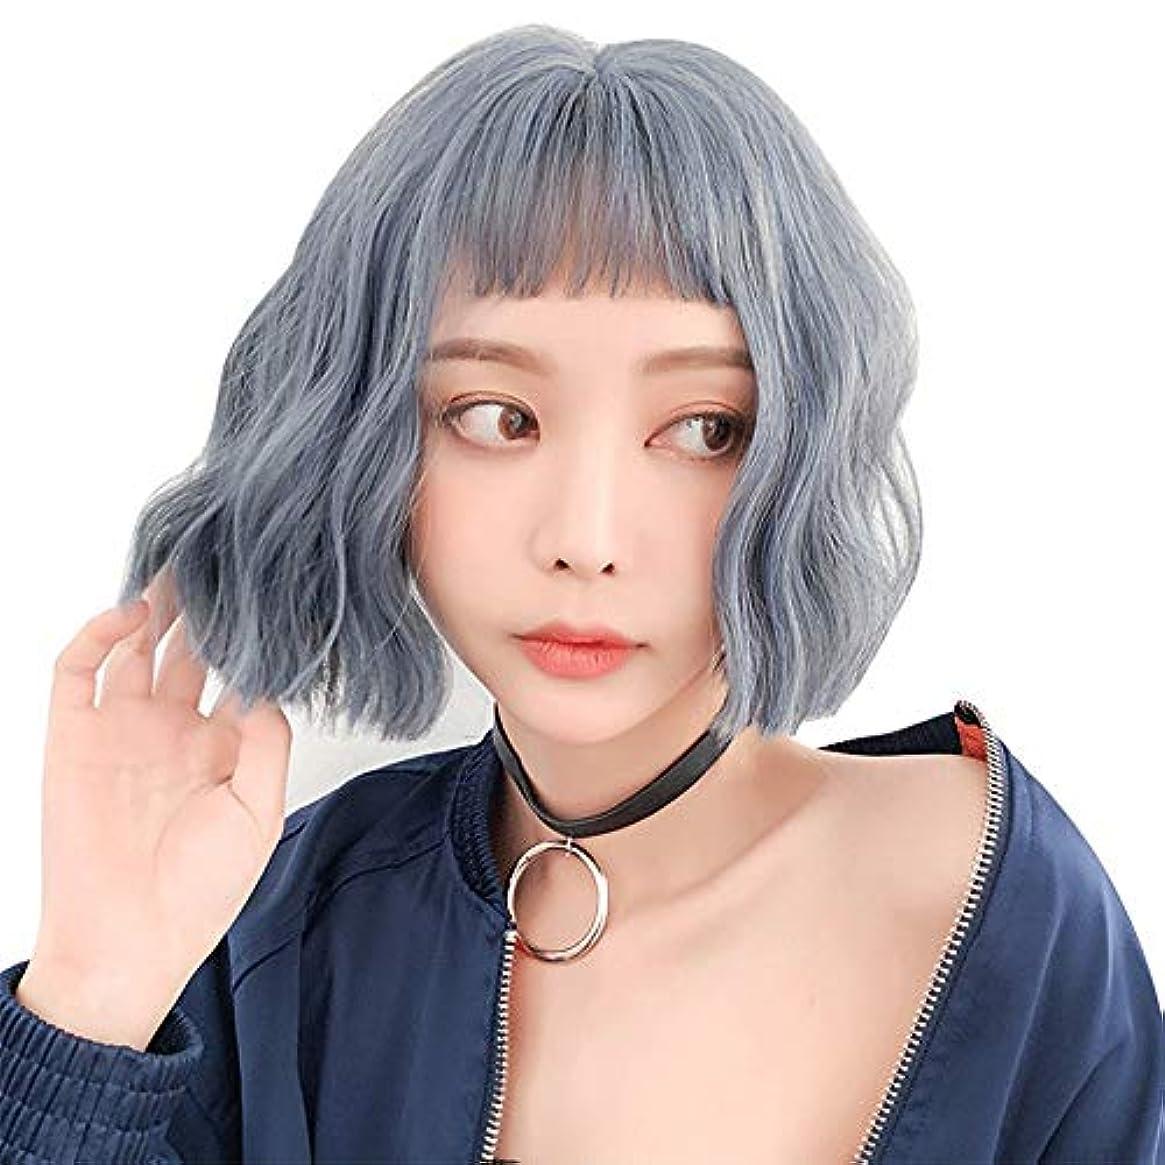 代表して知的極地SRY-Wigファッション ファッションショート人間の髪の毛のかつらカーリーウェーブ10インチブルーショートカーリーウィッグ前髪ショートボブレースフロントウィッグ合成女性用